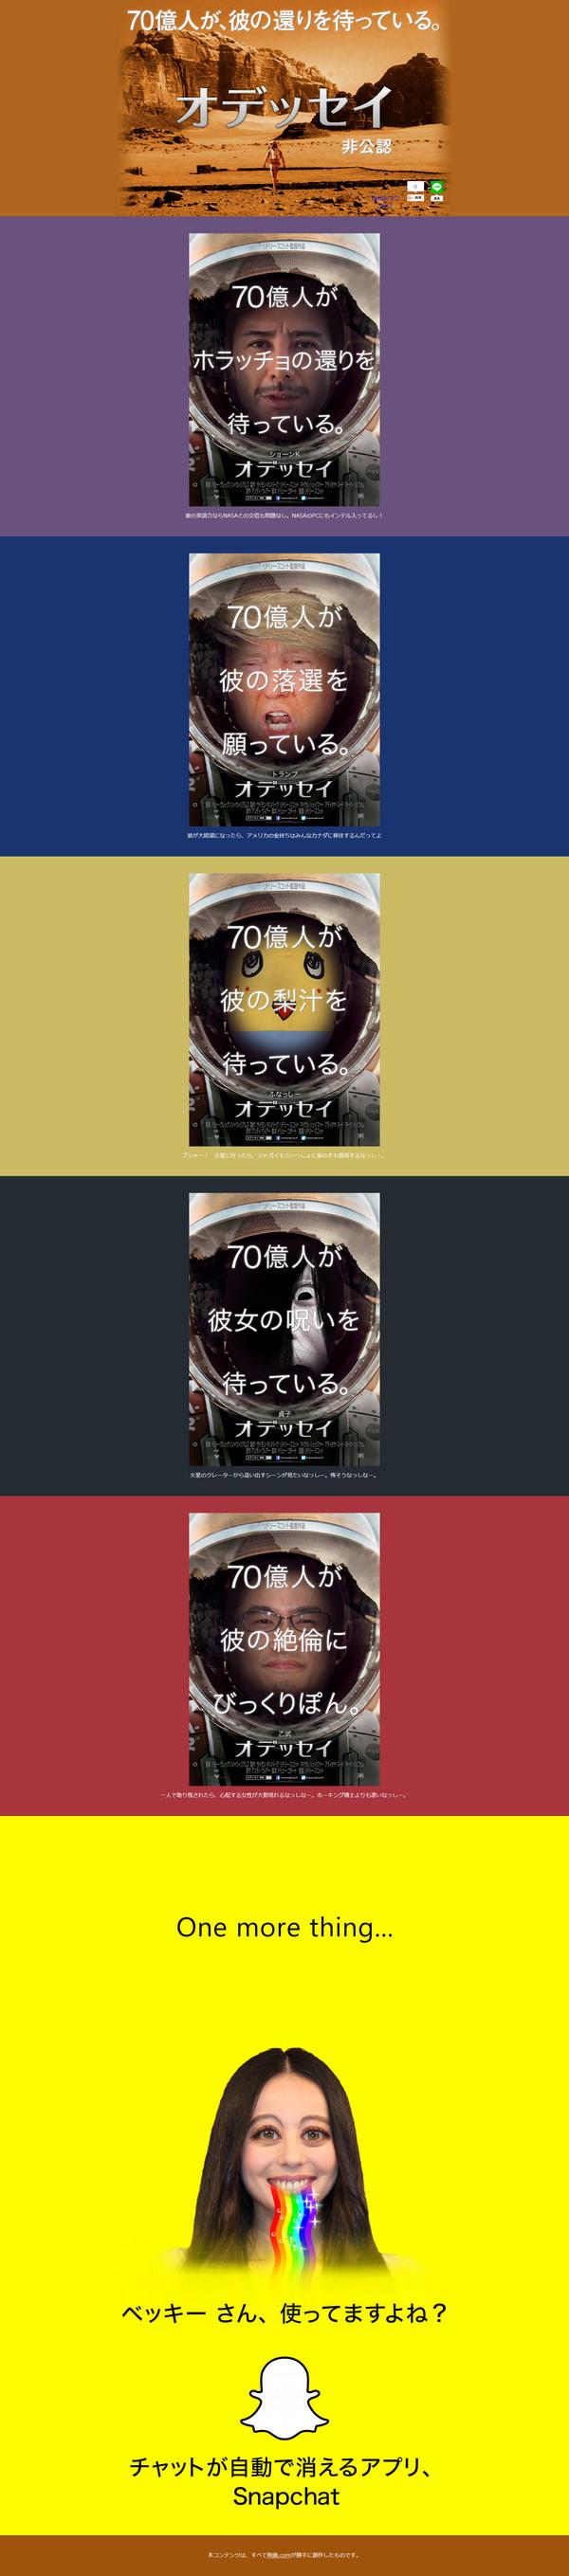 2016-04-01_004905.jpg